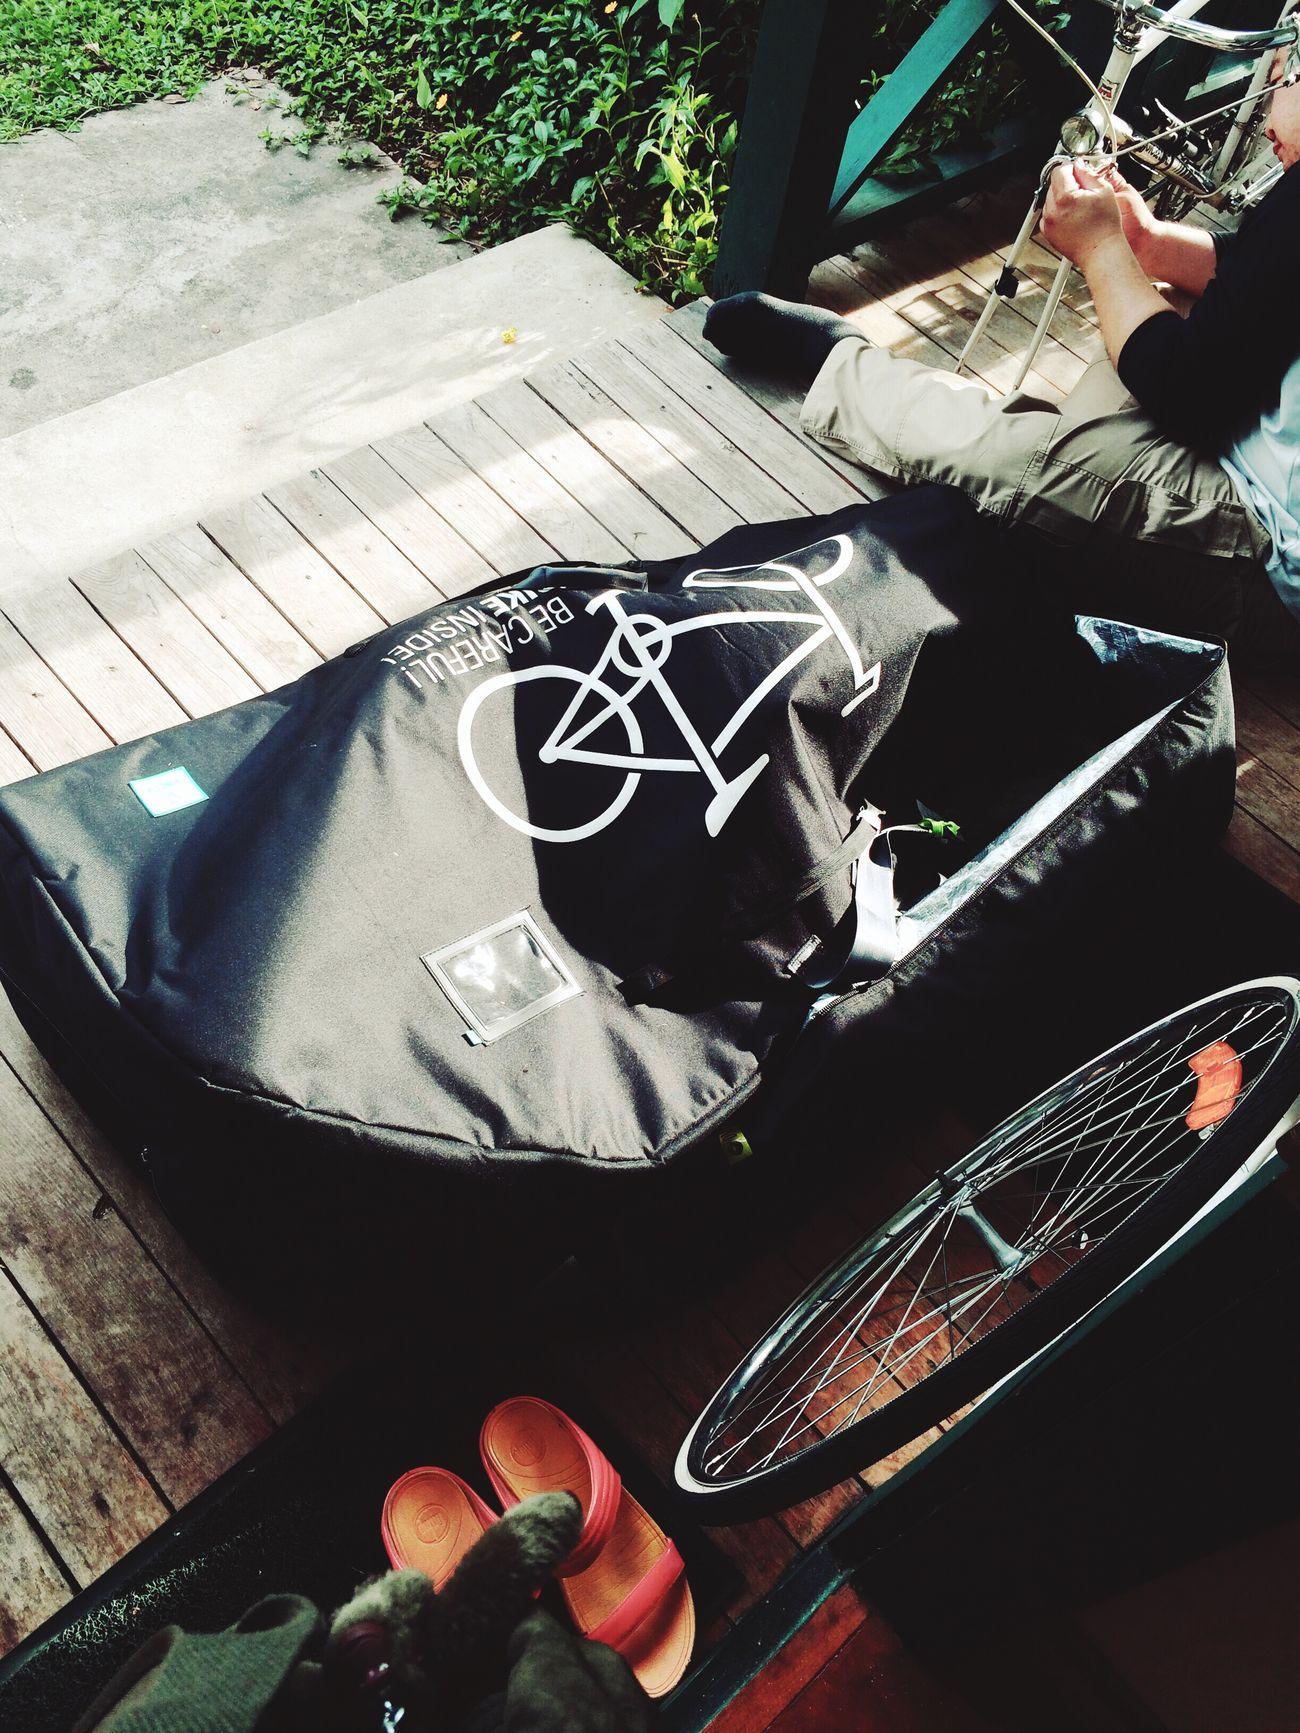 ถ้าใจไม่รักจริงทำไม่ได้น้า!! 😅😁😂😜 Slow Life Bike Life Pai In Love